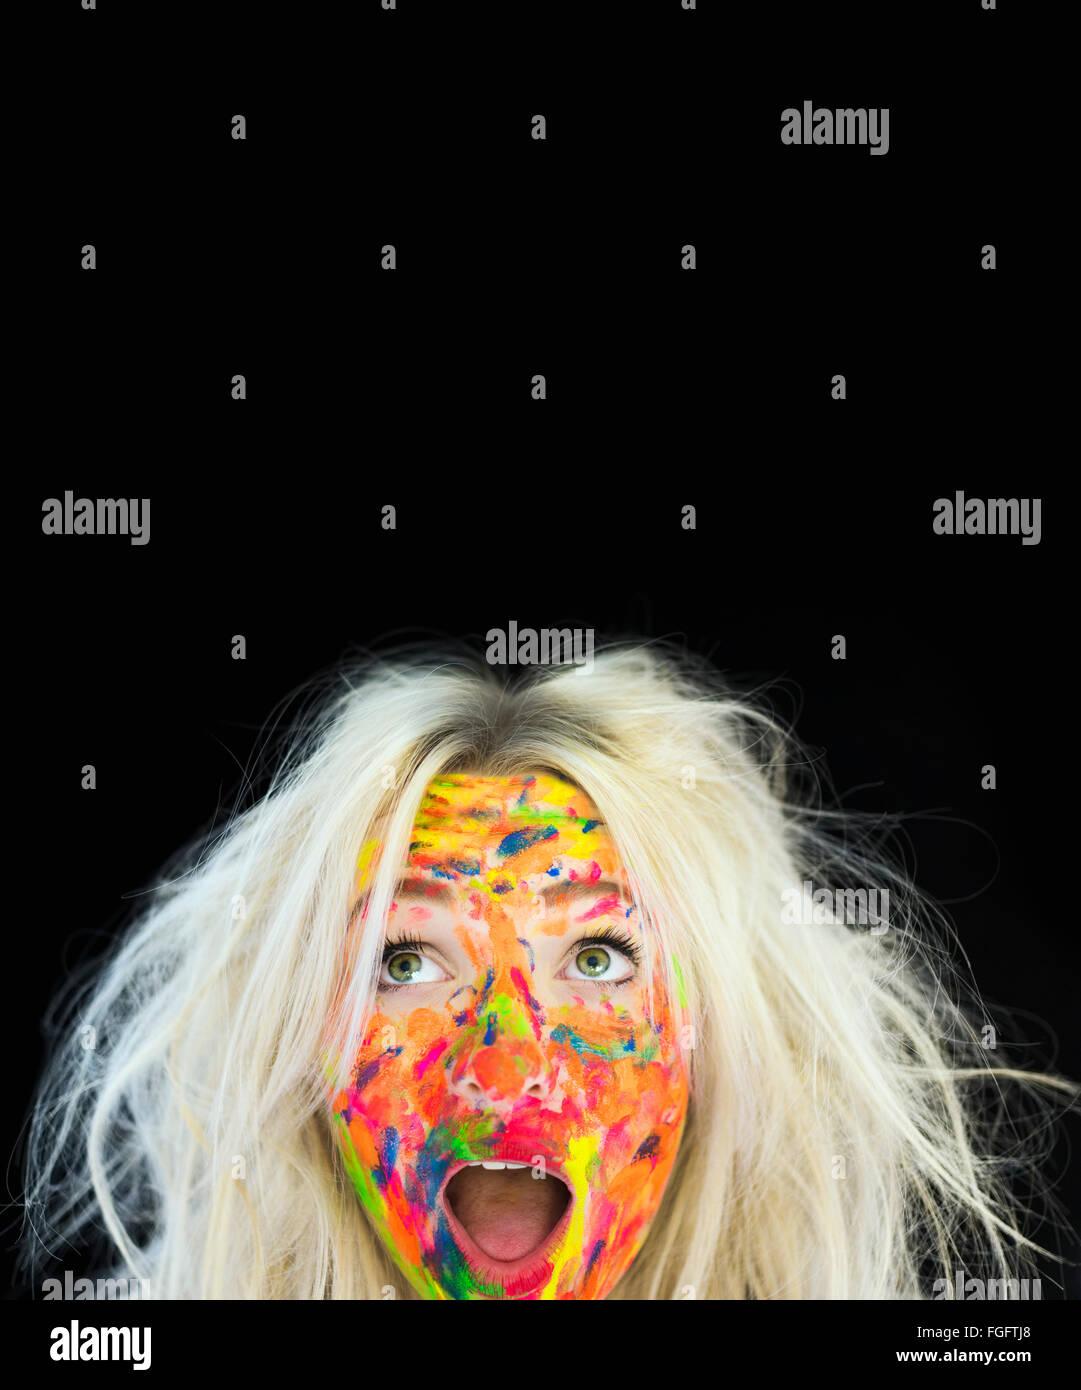 Frau mit chaotisch blonde Haare und Gesicht bedeckt in Multi farbige Lack mit einem überrascht Ausdruck Stockbild